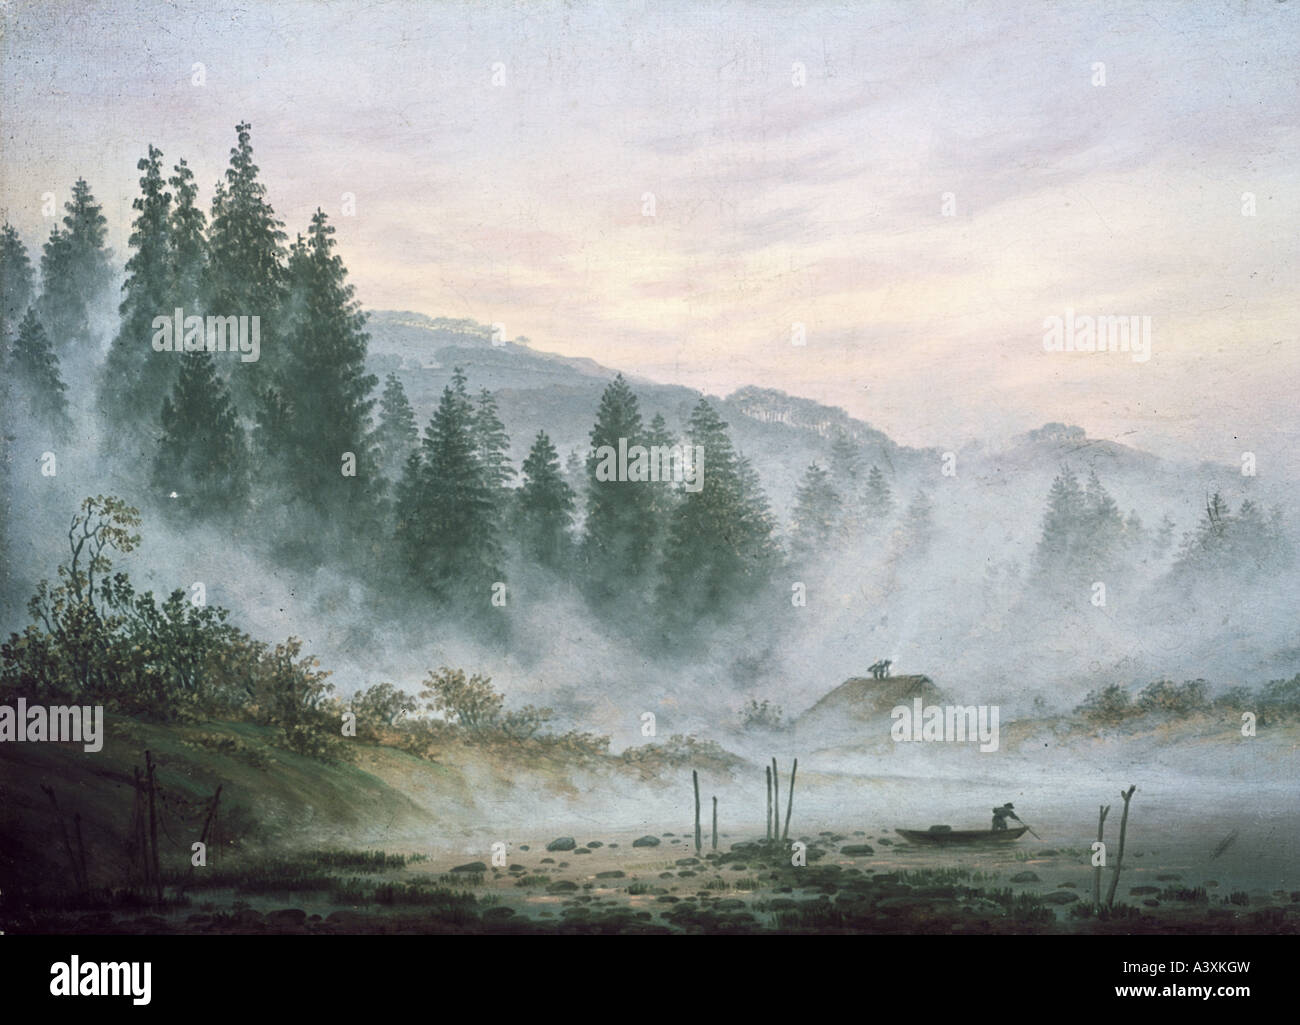 """""""Bellas Artes, Caspar David Friedrich, (1774 - 1840), pintura, 'Der morgen' ('mmatinal'), el Imagen De Stock"""